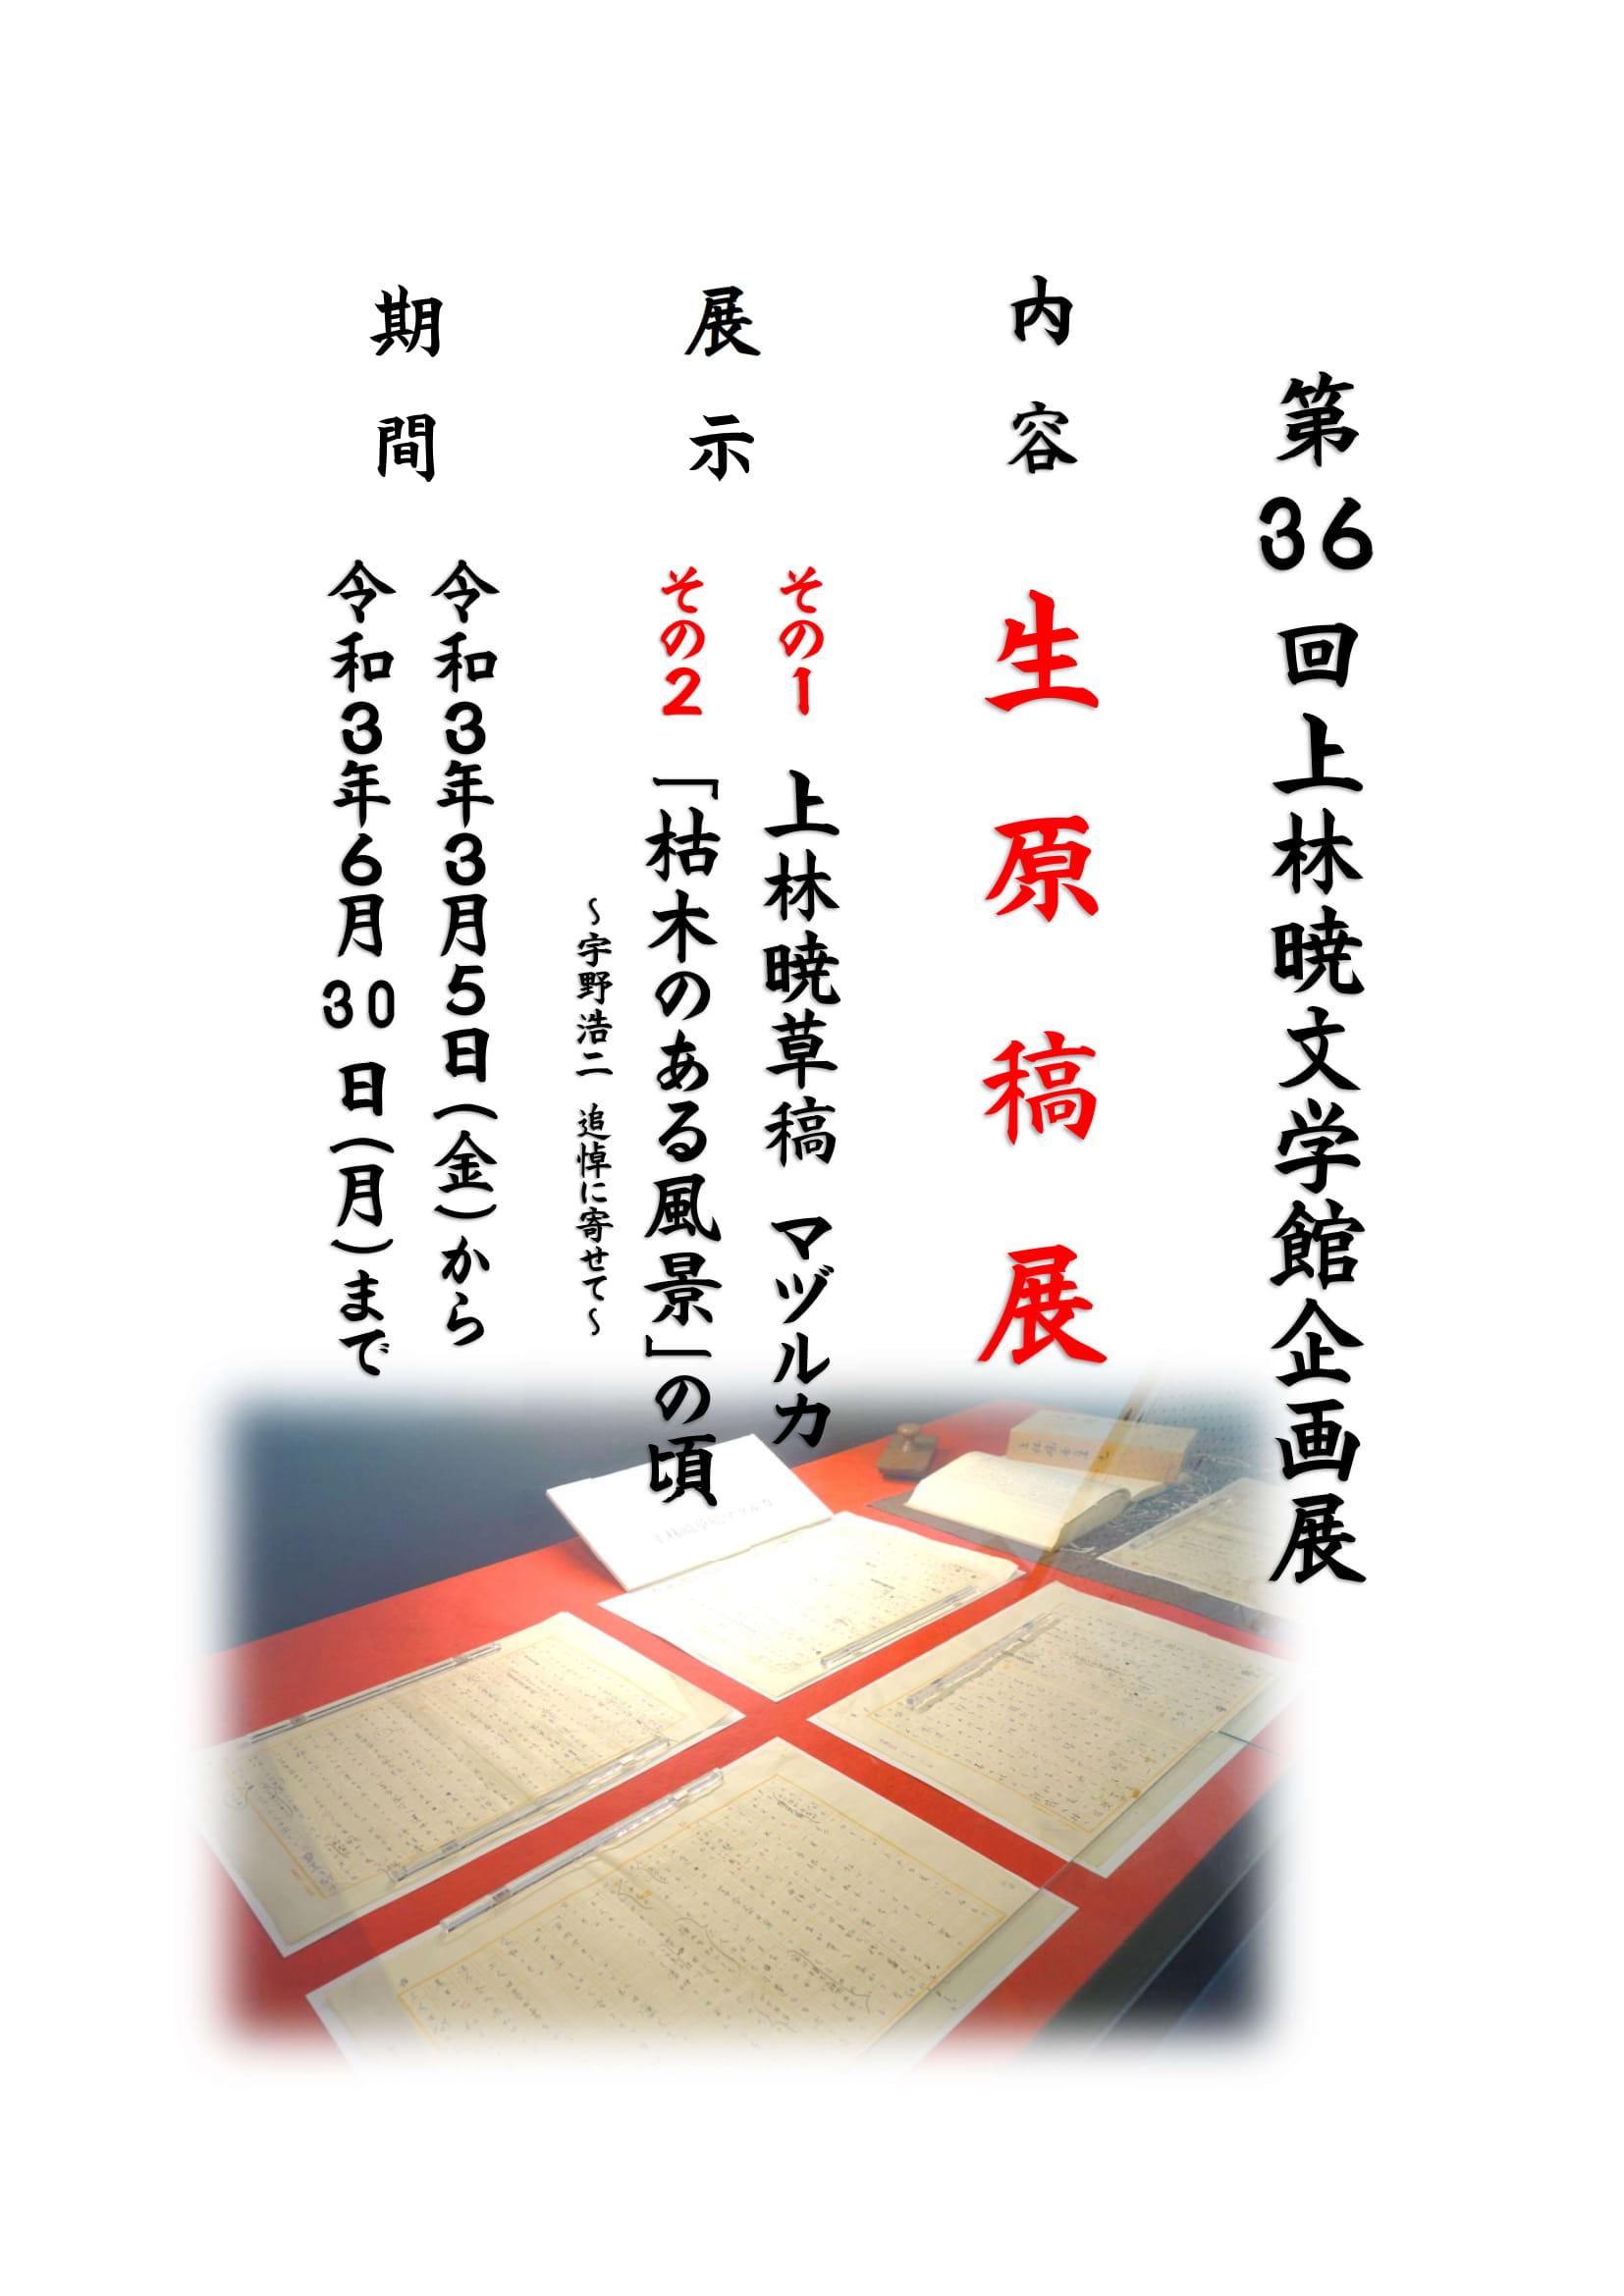 第36回企画展会期延長ポスター